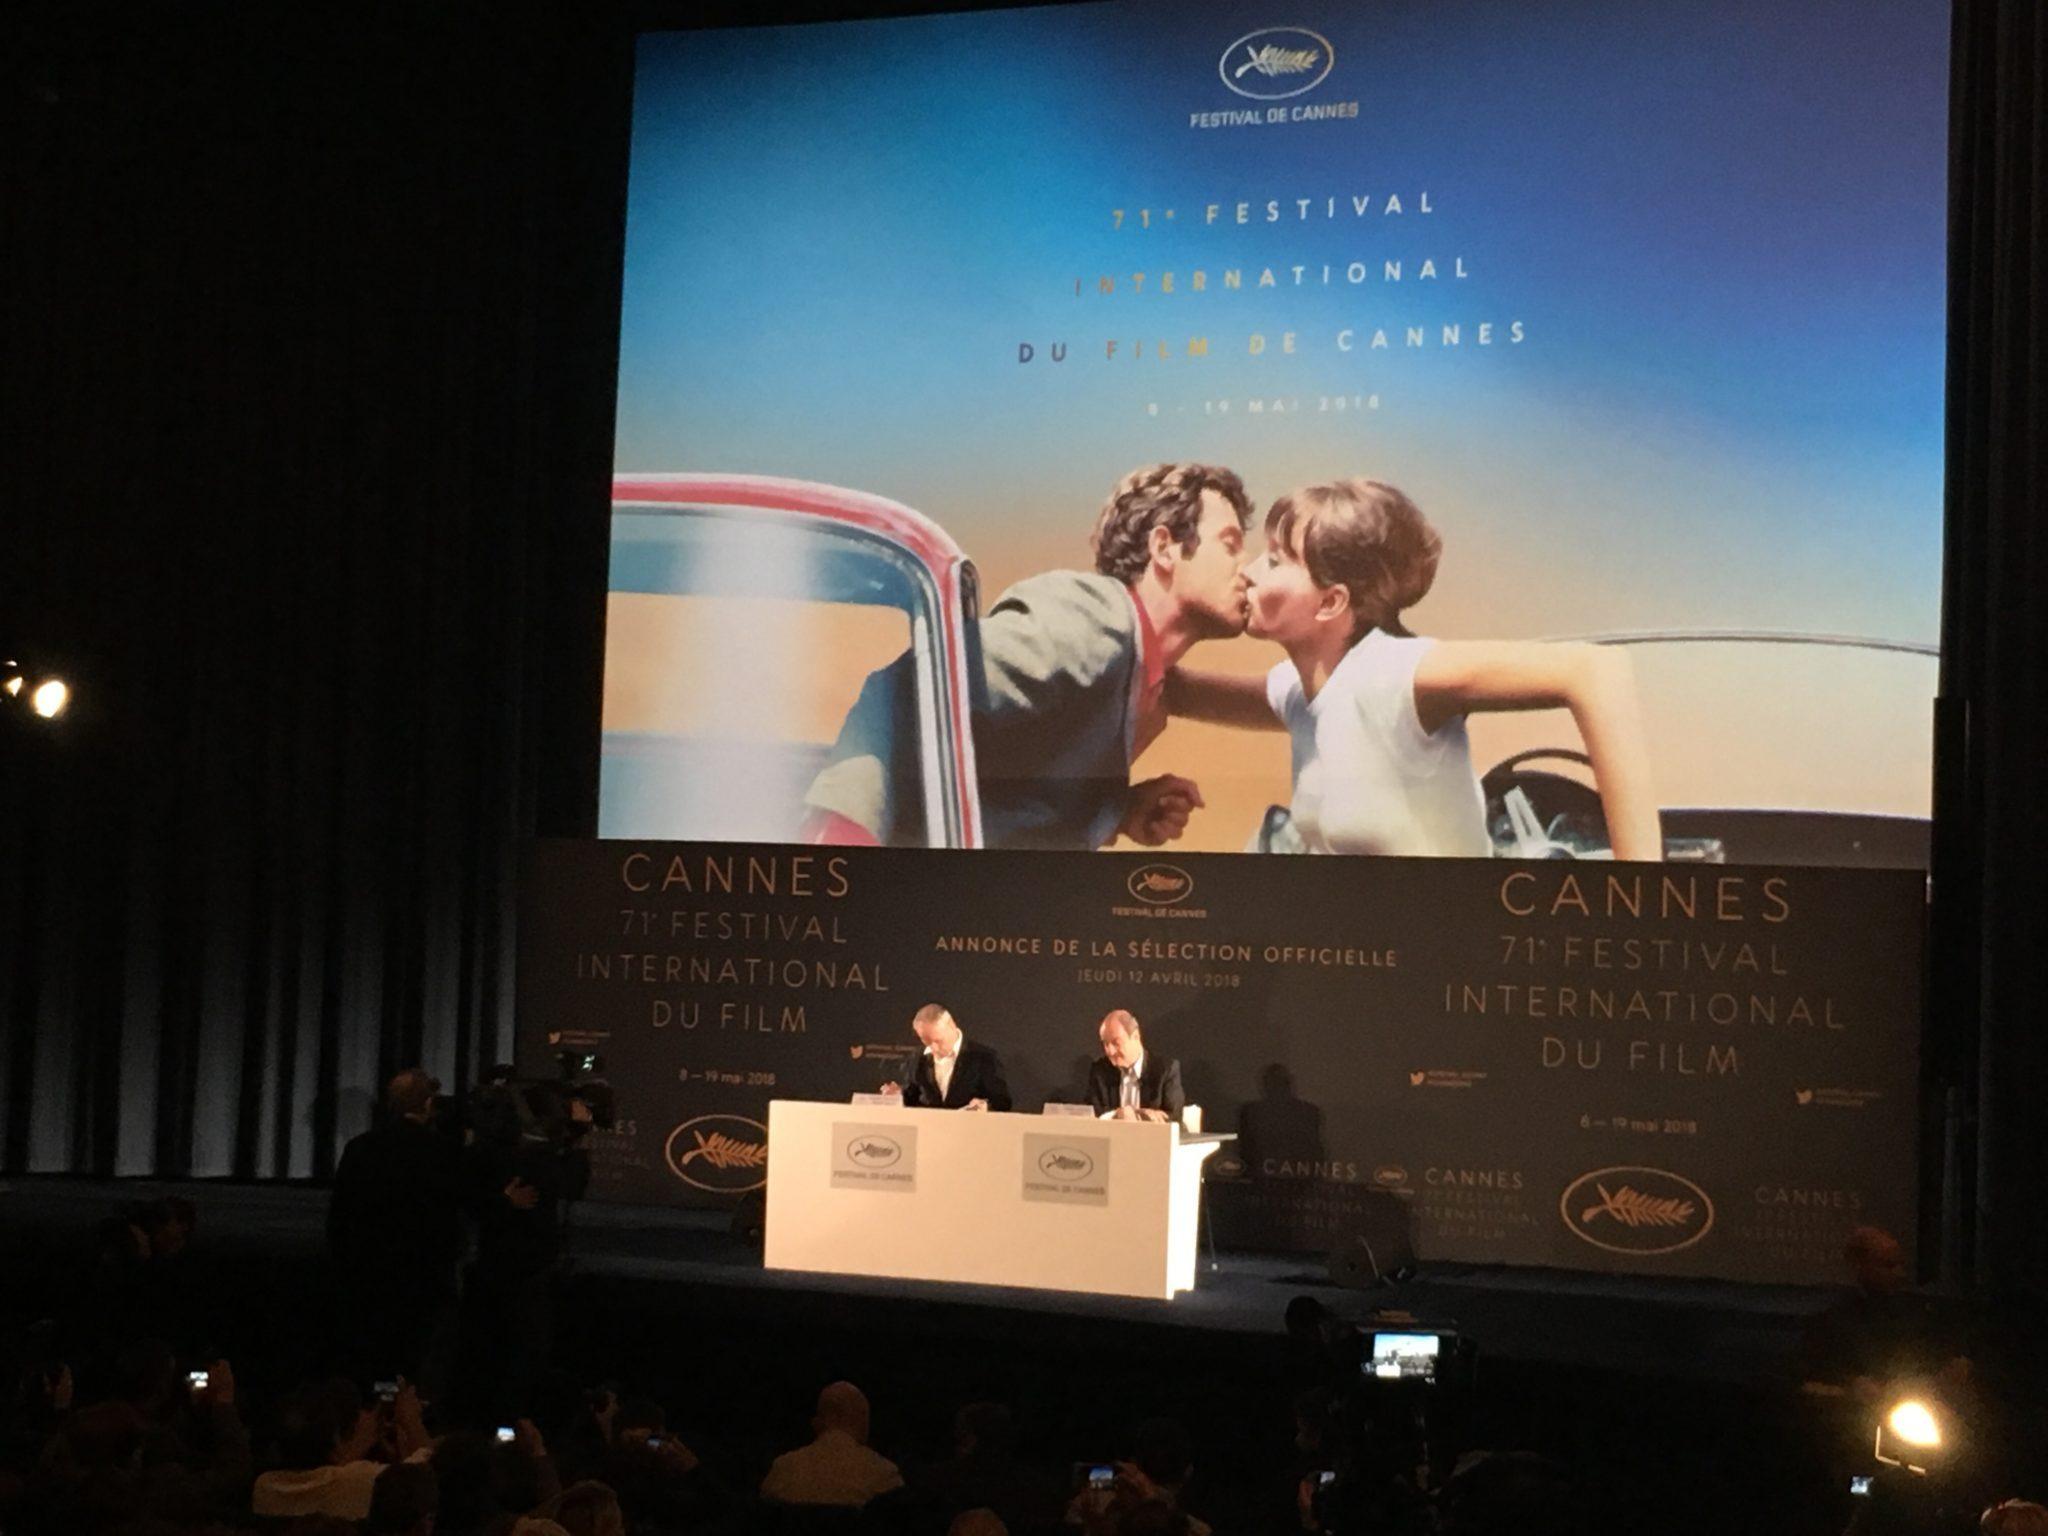 Festival de Cannes 2018 : Tous les films de la sélection officielle 1 image